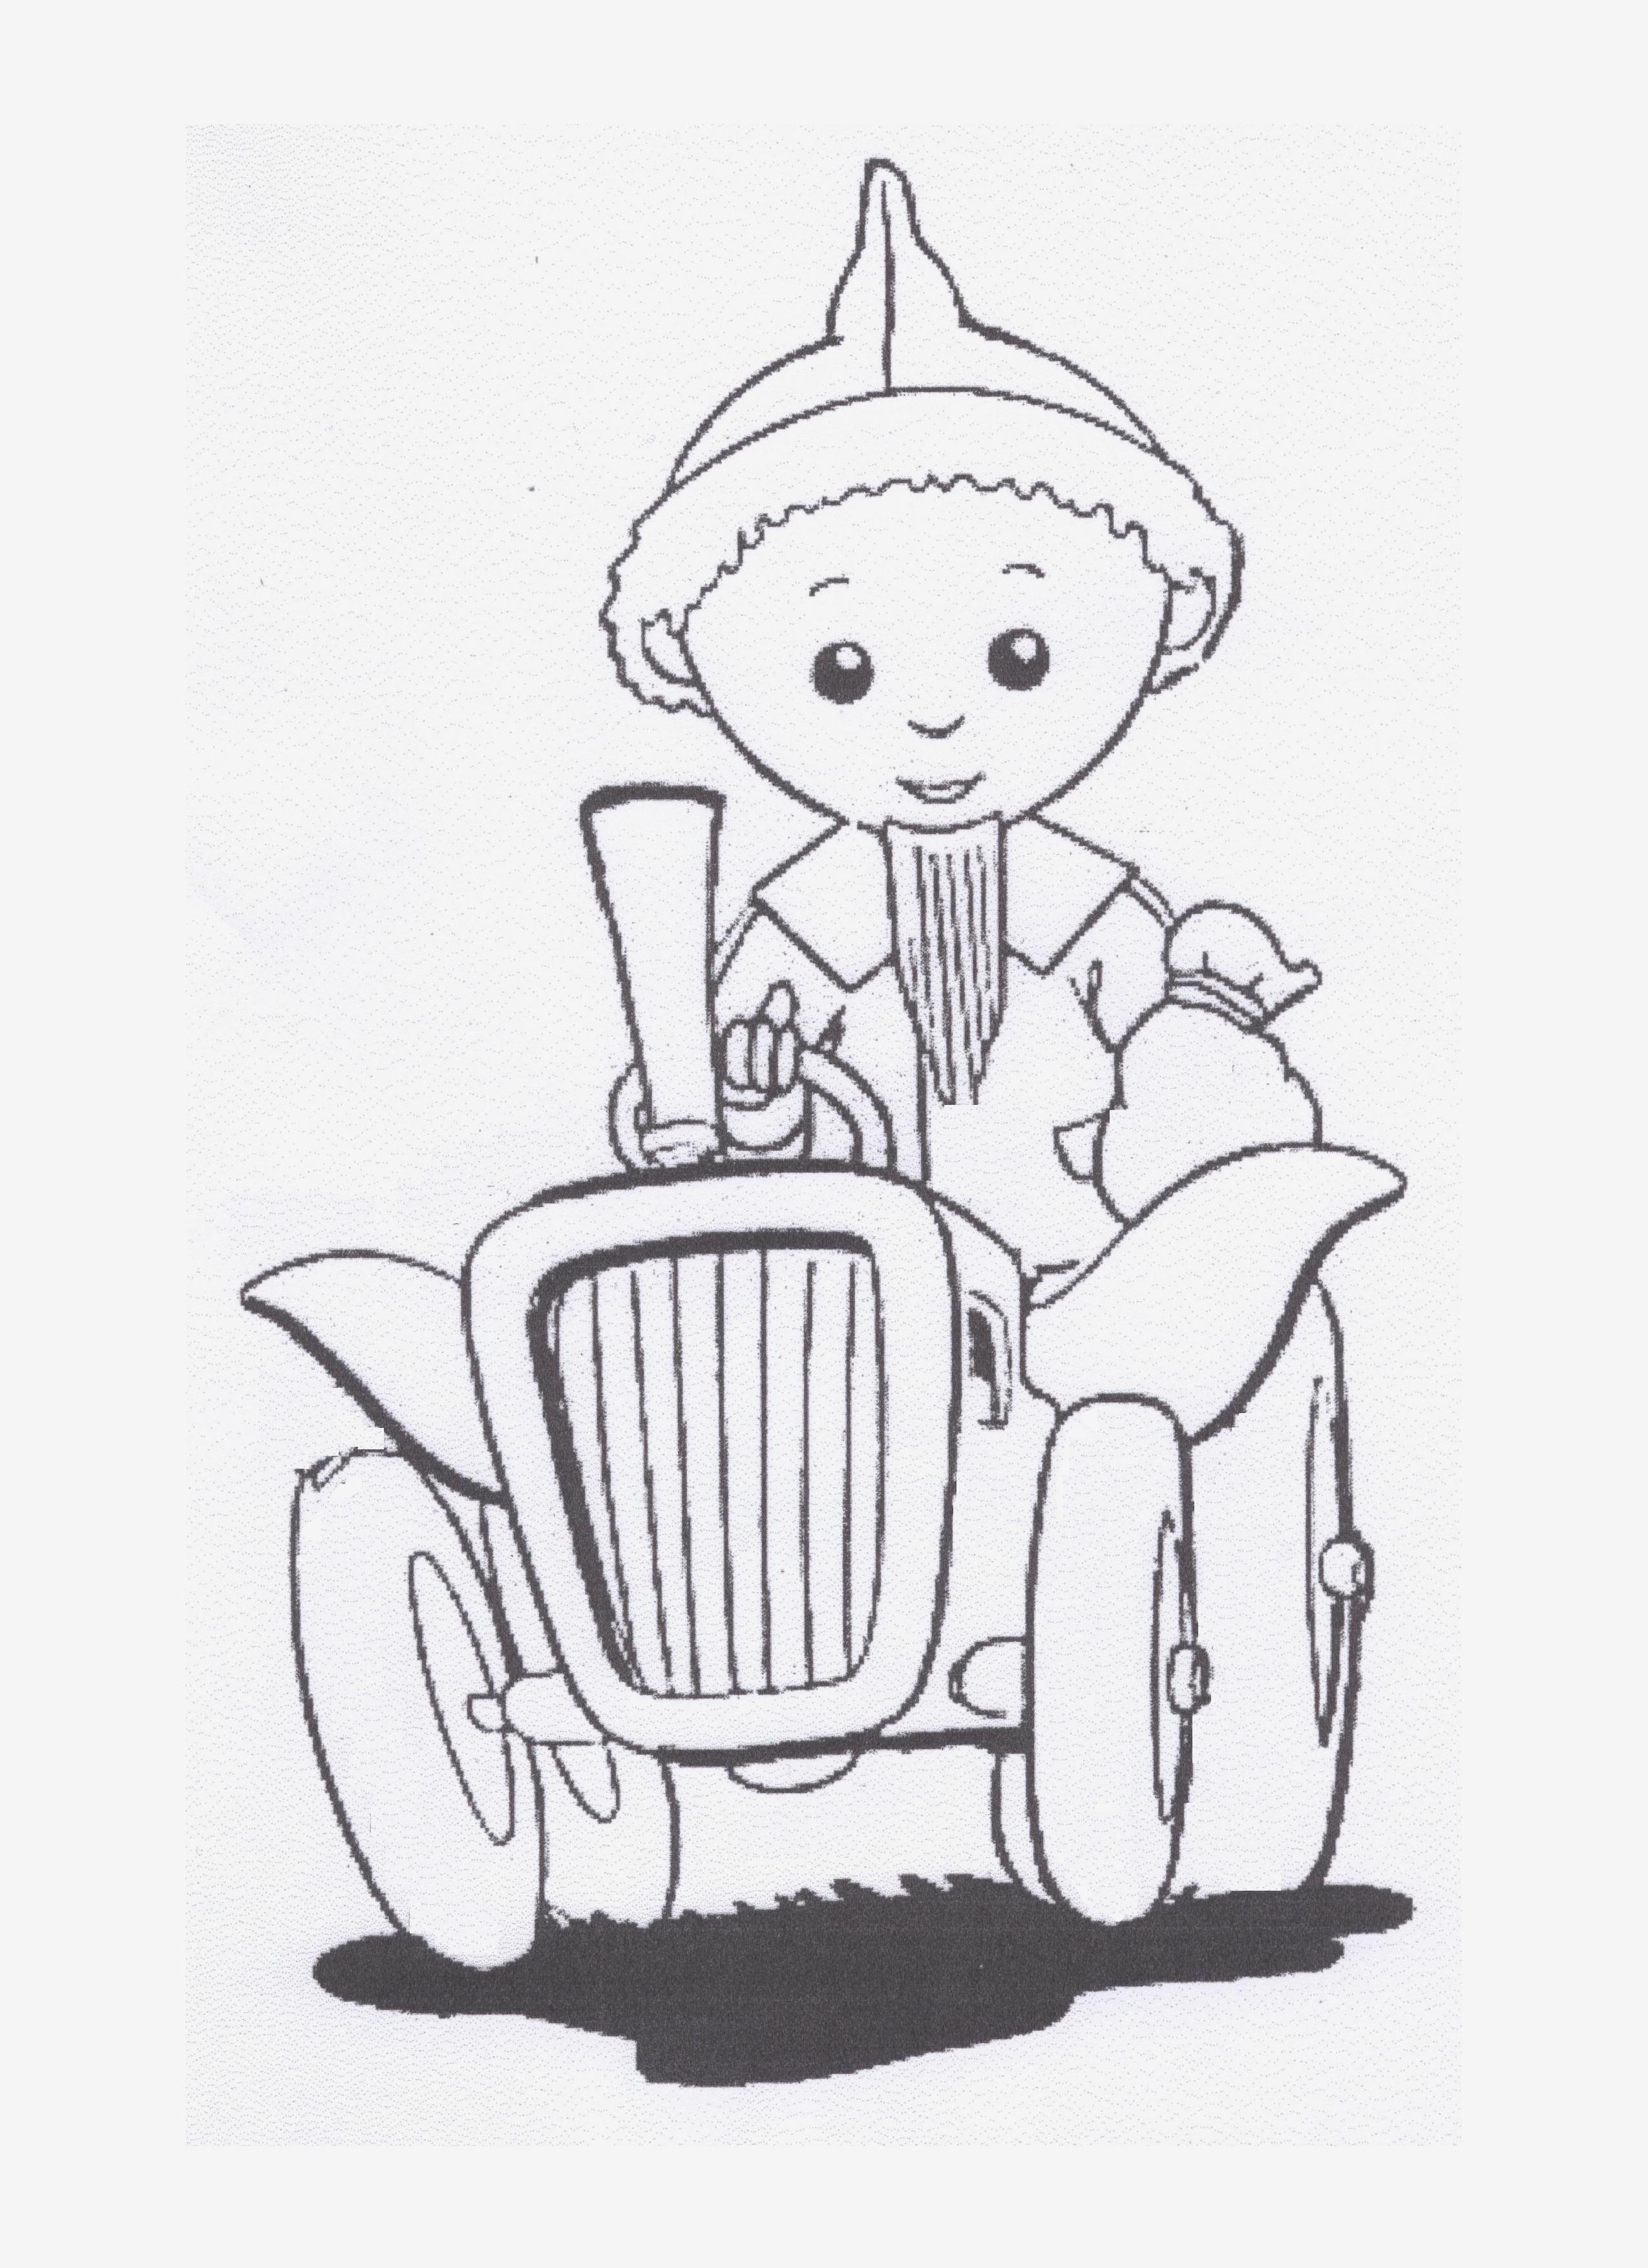 Ausmalbilder Traktor Fendt Einzigartig 45 Fantastisch Ausmalbilder Traktor Fendt – Große Coloring Page Sammlung Bilder